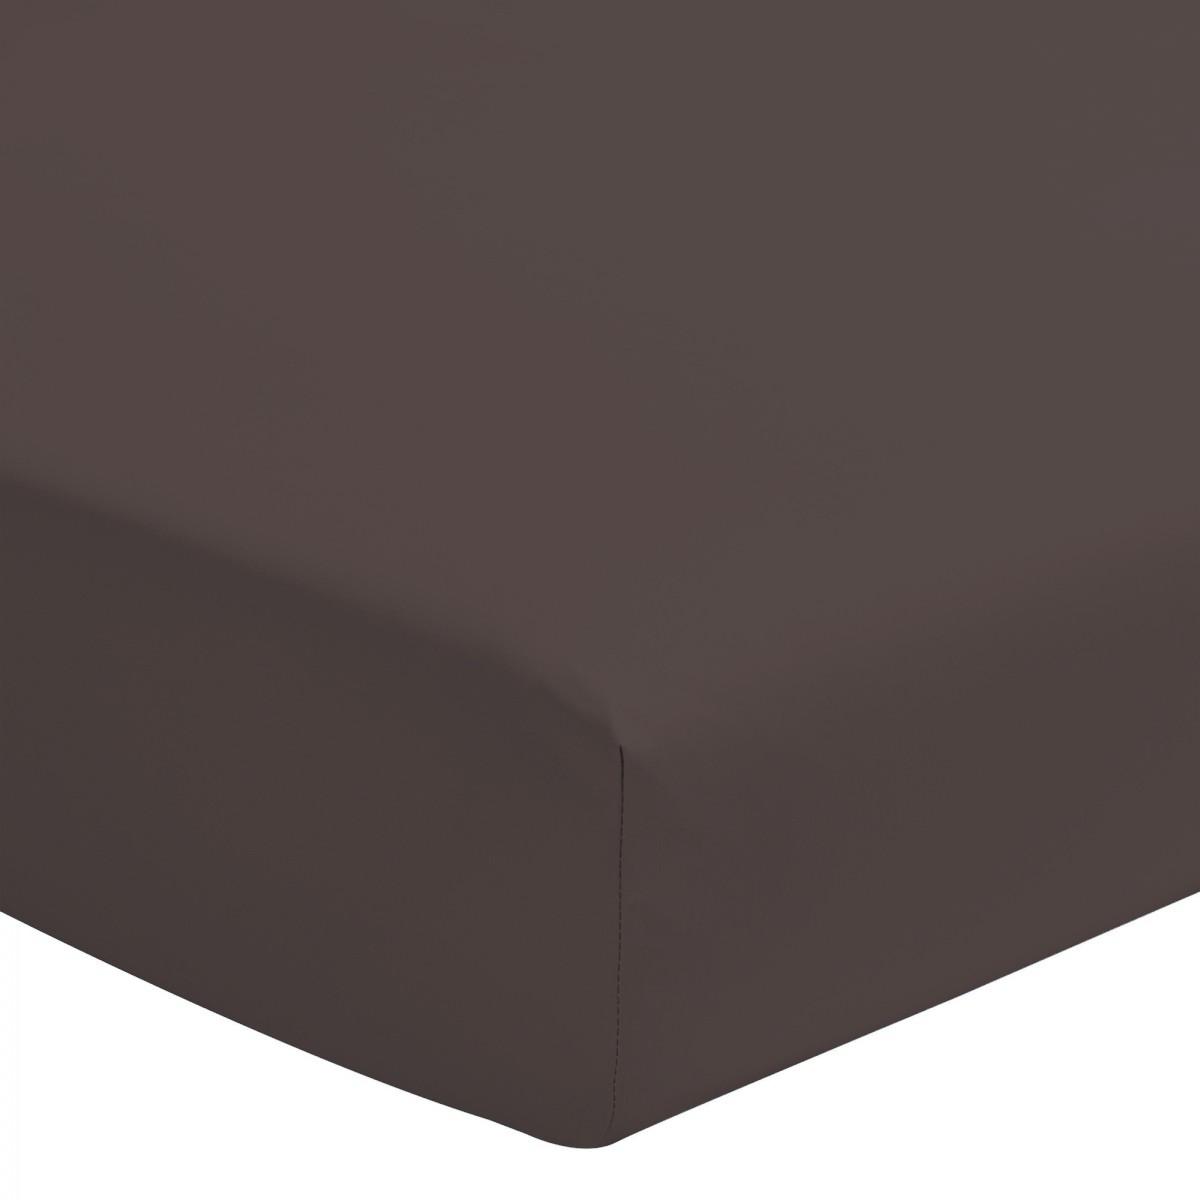 Drap Housse Uni 100% Coton Bonnet 30cm Chocolat 90x200cm